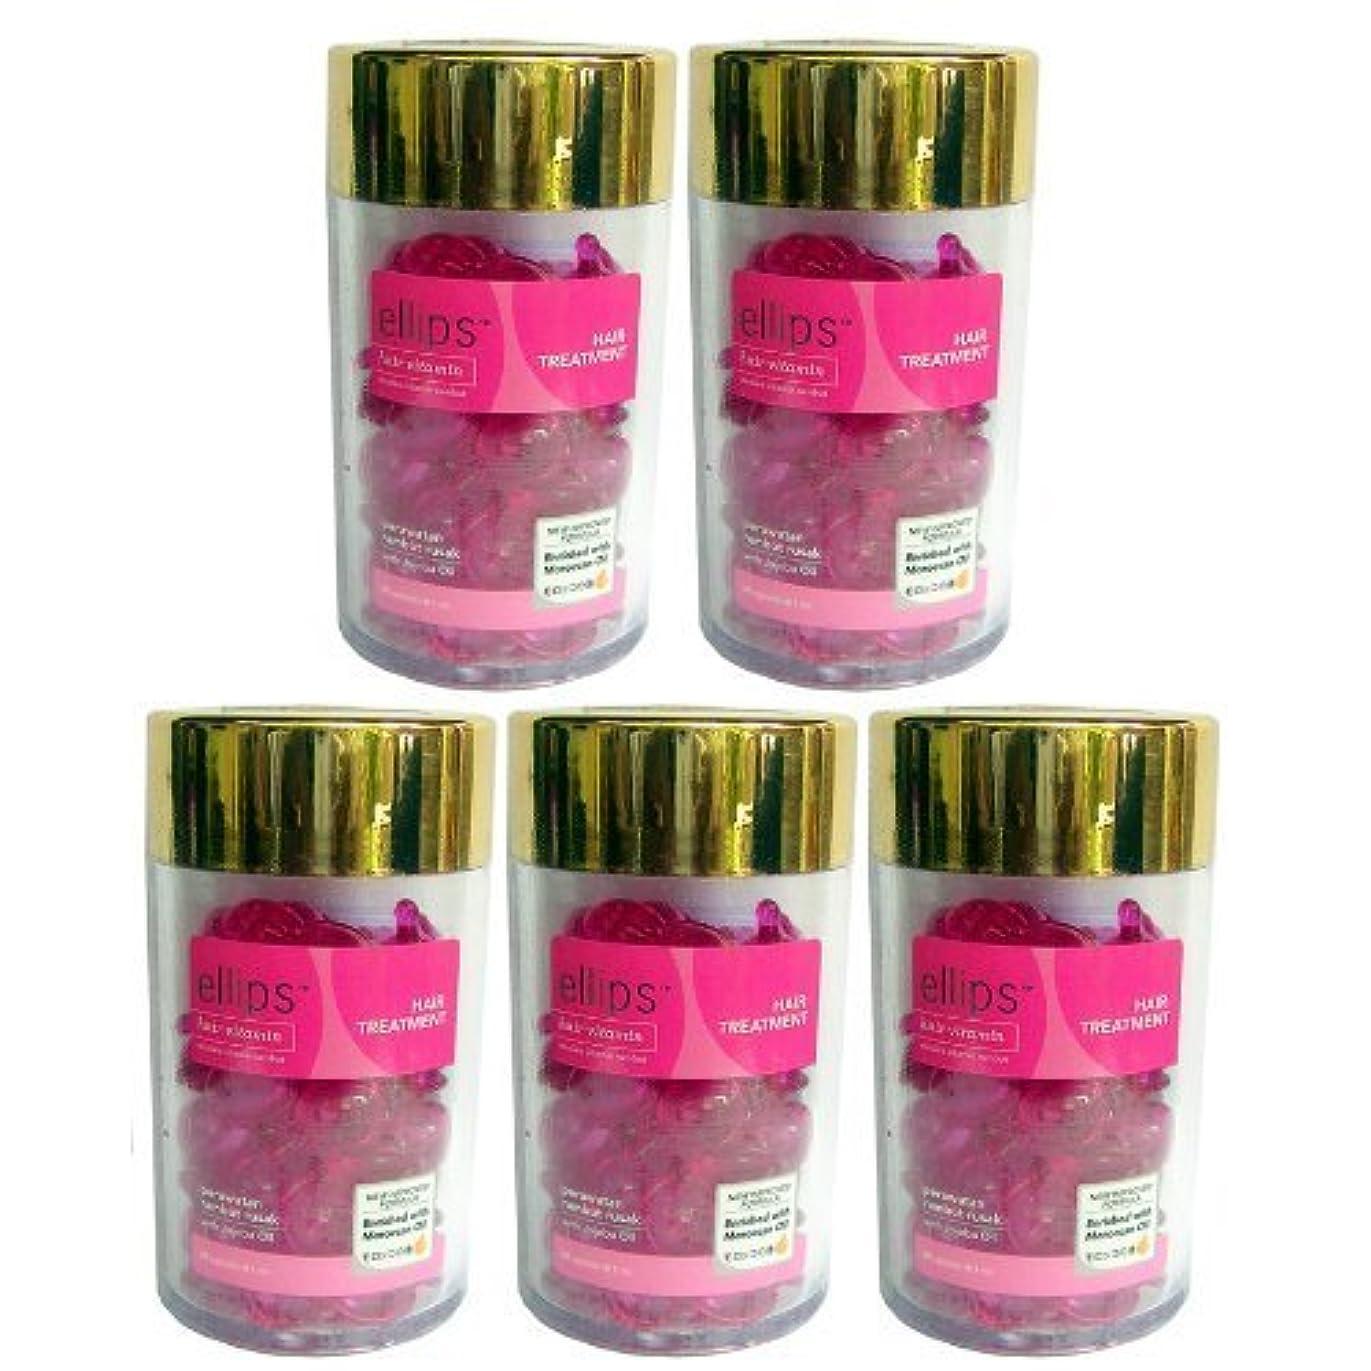 生む呼吸破壊するエリップス ellips ヘアビタミン洗い流さないヘアトリートメント(並行輸入品) (ピンク5本)